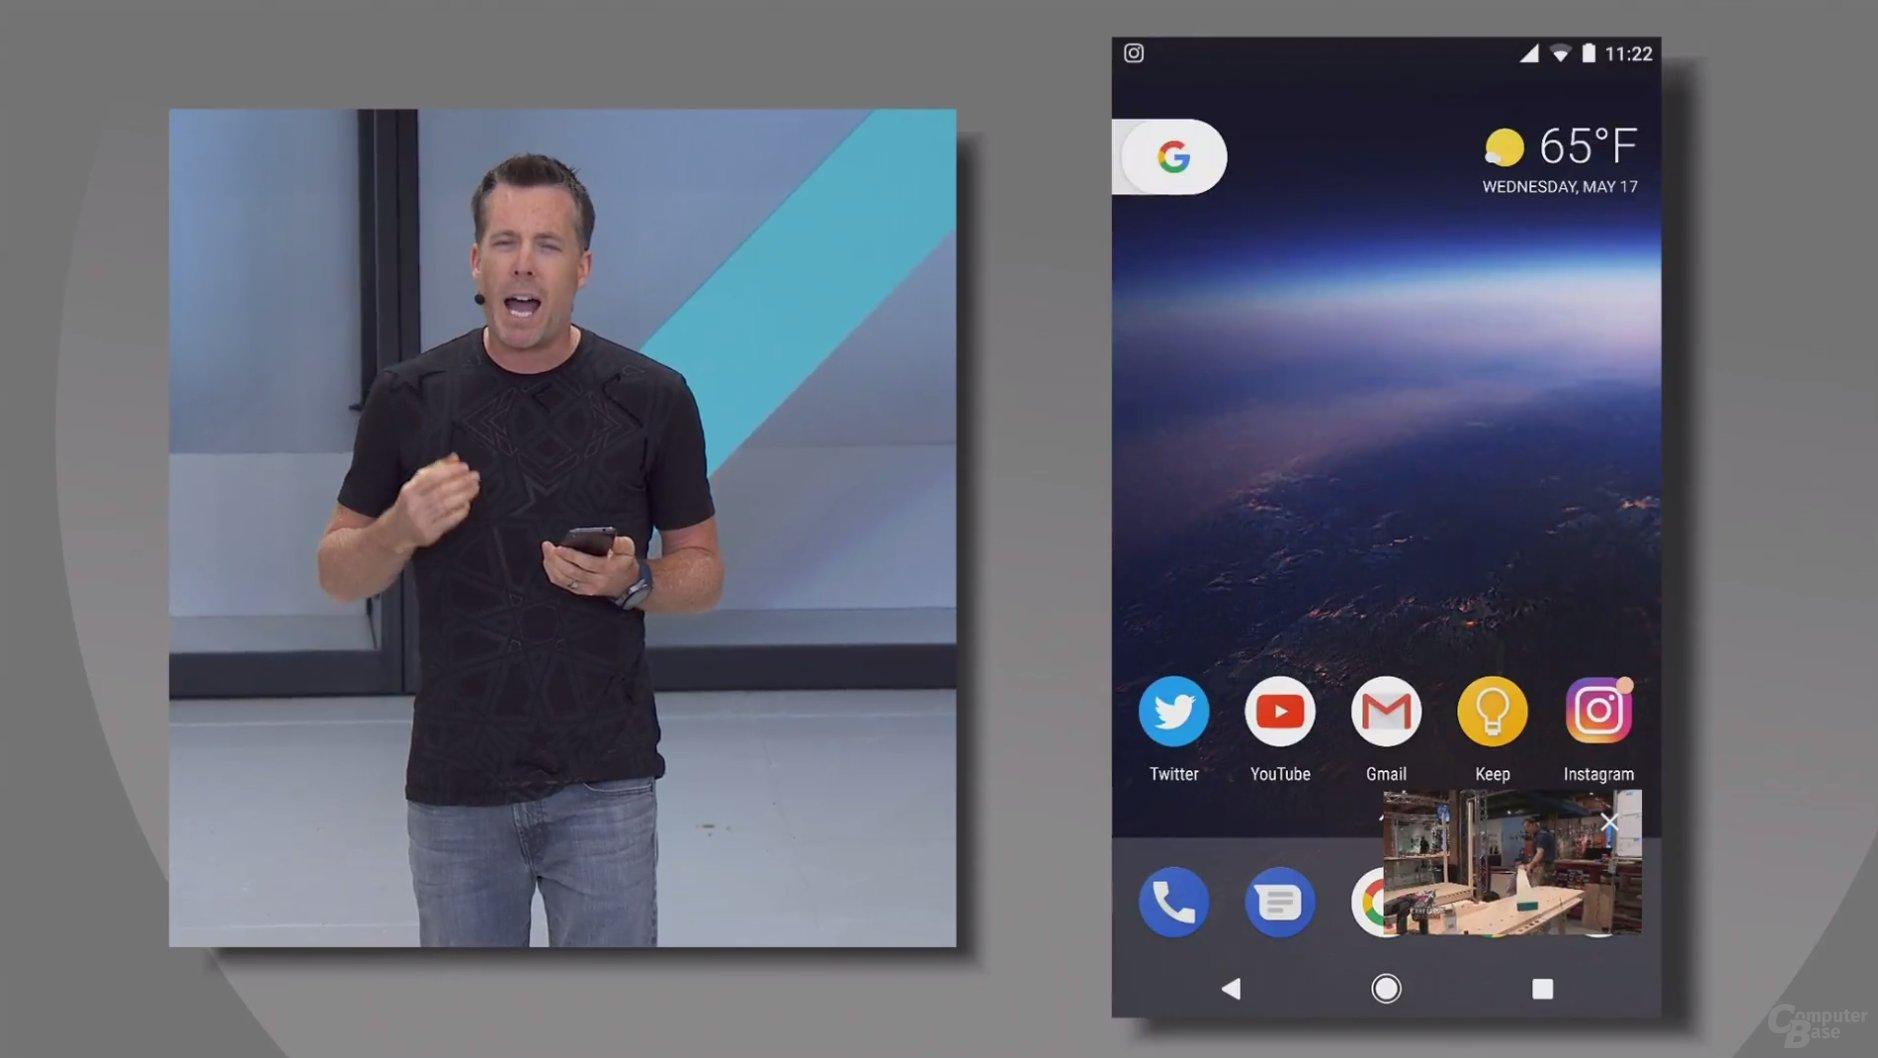 Neuer Bild-in-Bild-Modus für Android O